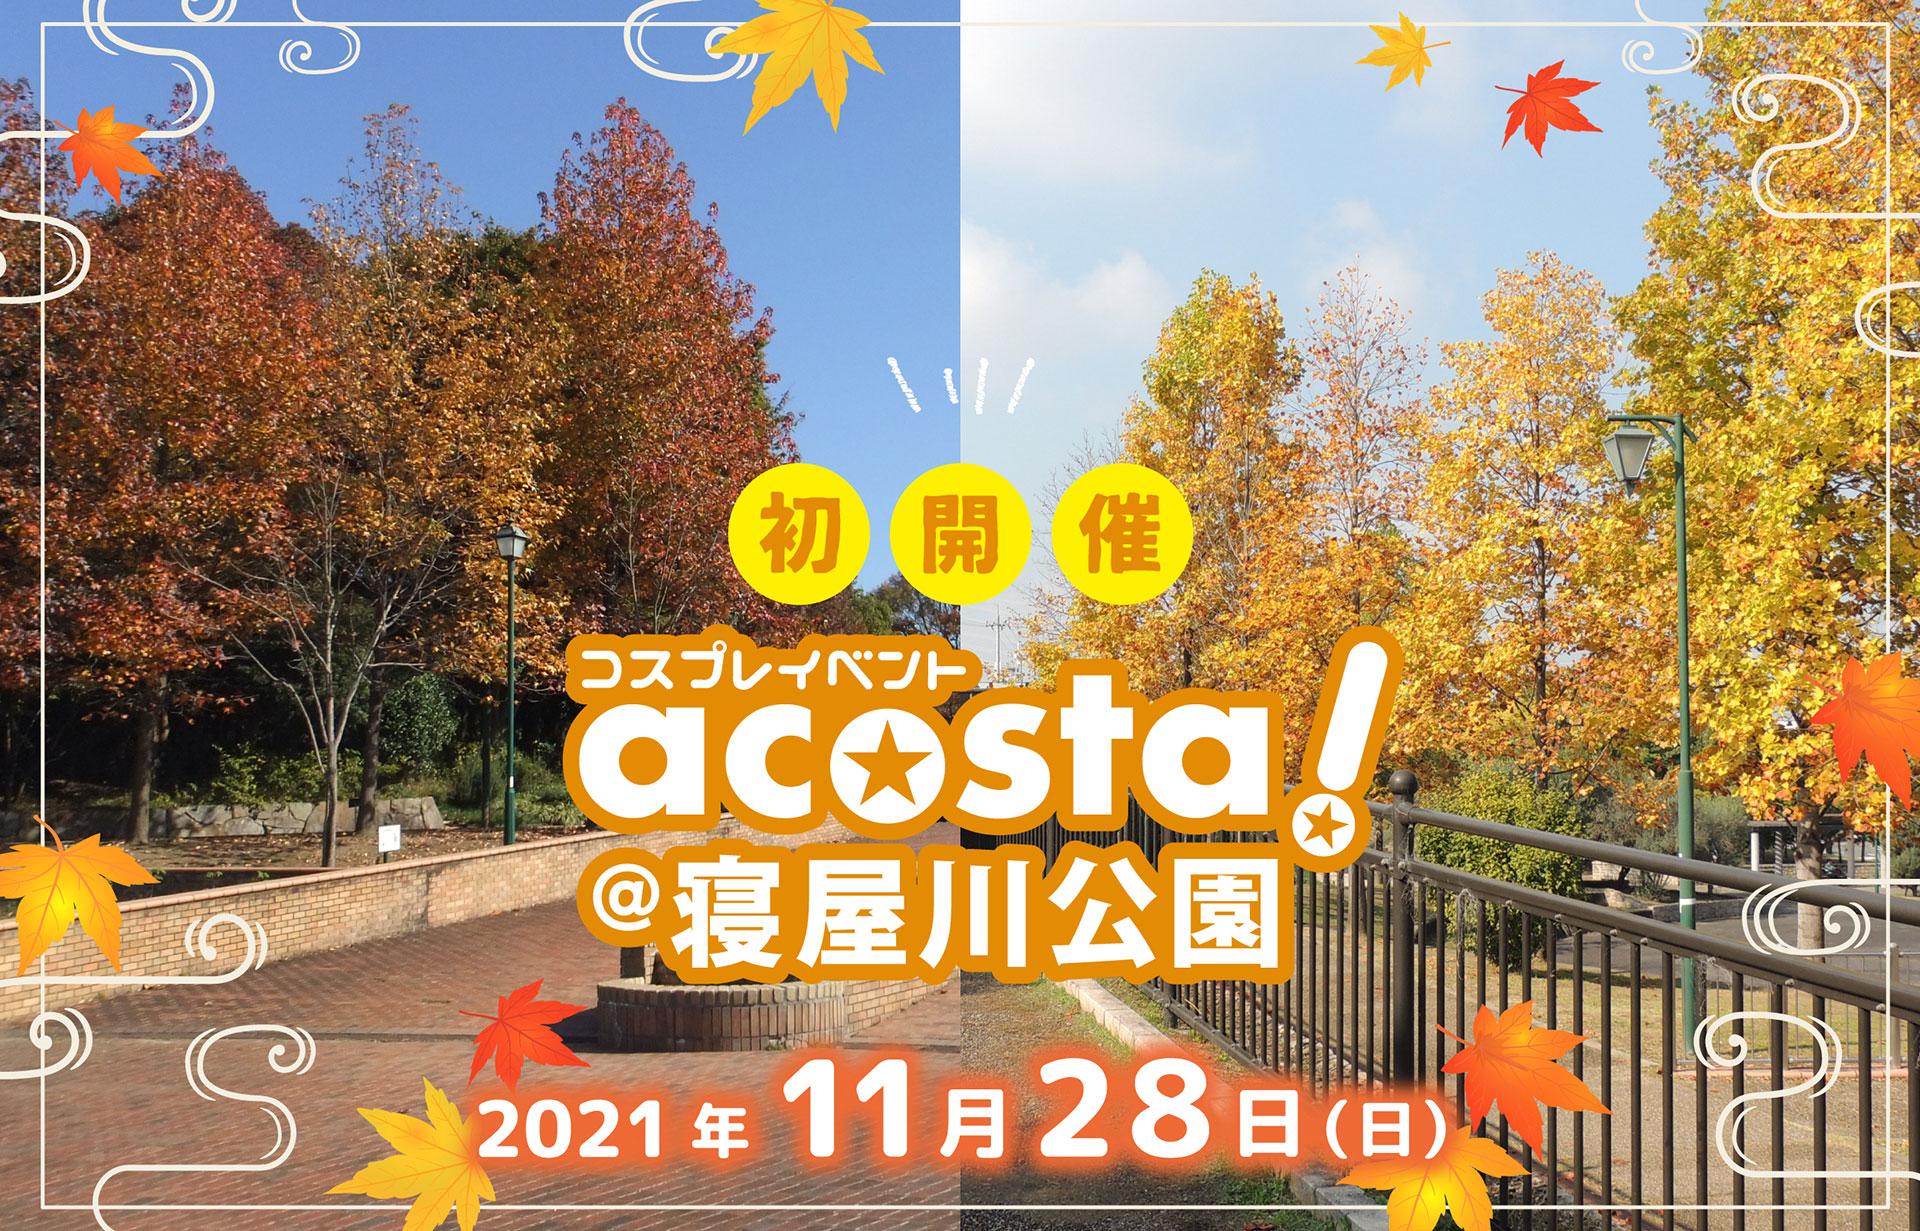 2021年11月28日(日)アコスタ@もりのみやキューズモールBASE